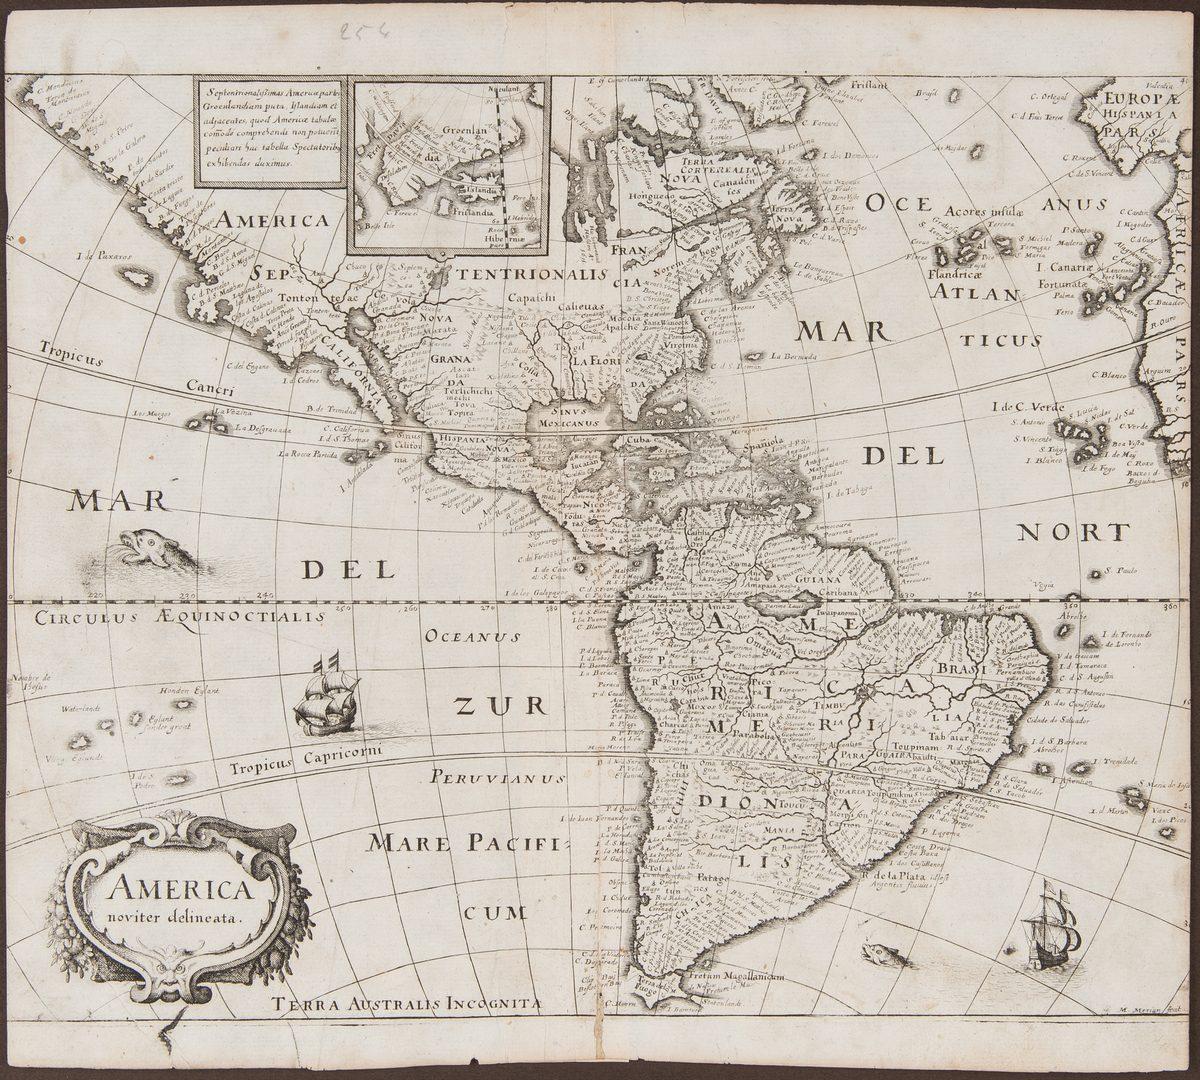 Lot 244: 3 Early Maps of America, incl. Merian, De Bry